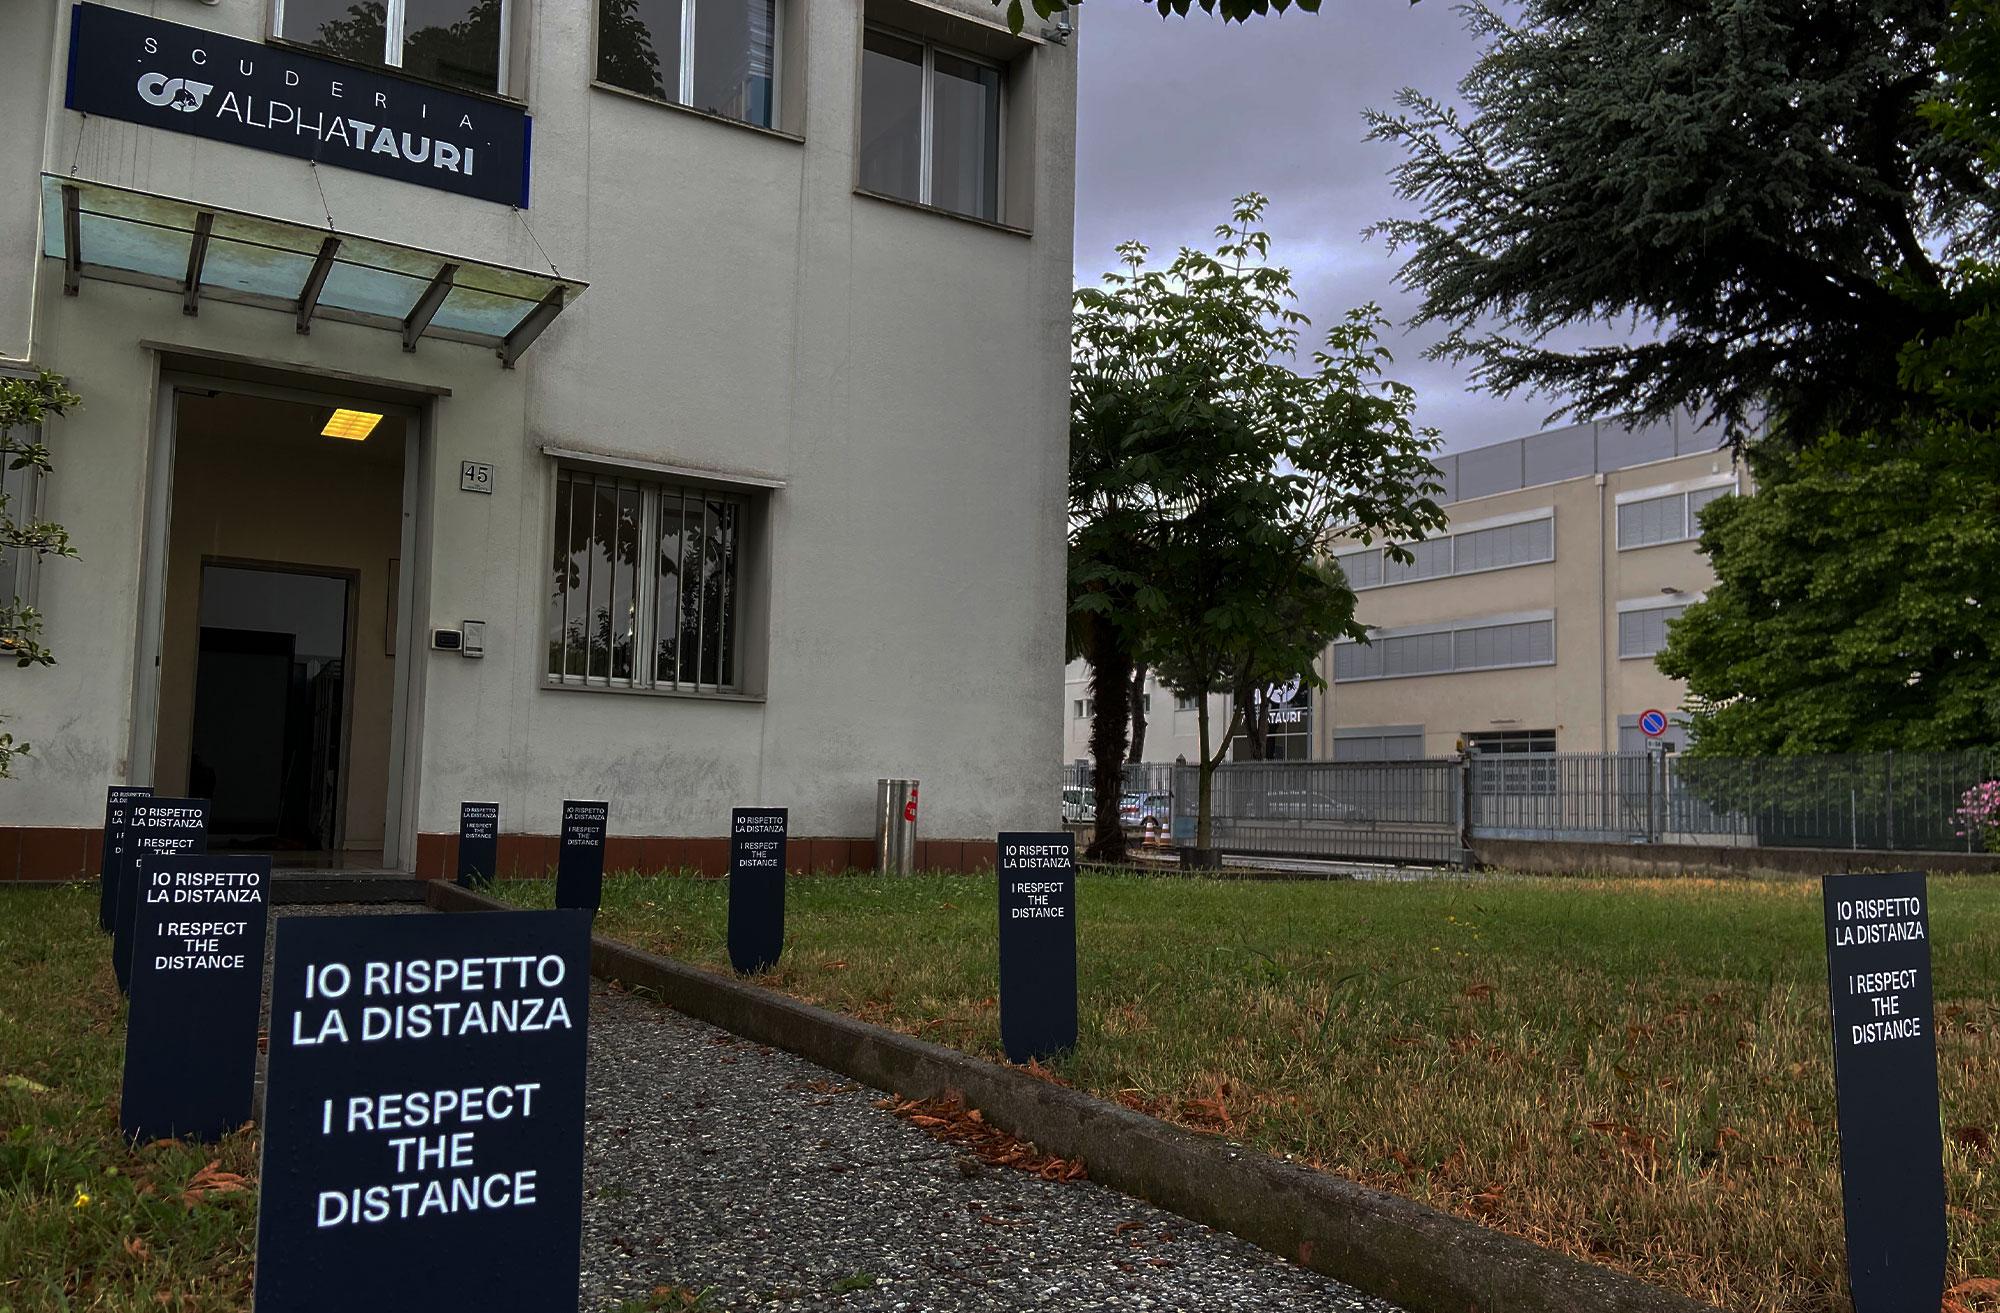 """A faenzai központ előtt egymástól megfelelő távolságra elhelyezett, """"Tisztelem a távolságot!"""" felirattal ellátott táblák figyelmeztetik a dolgozókat a védőtávolság tartására. <br /><br />Fotó: Alpha Tauri"""